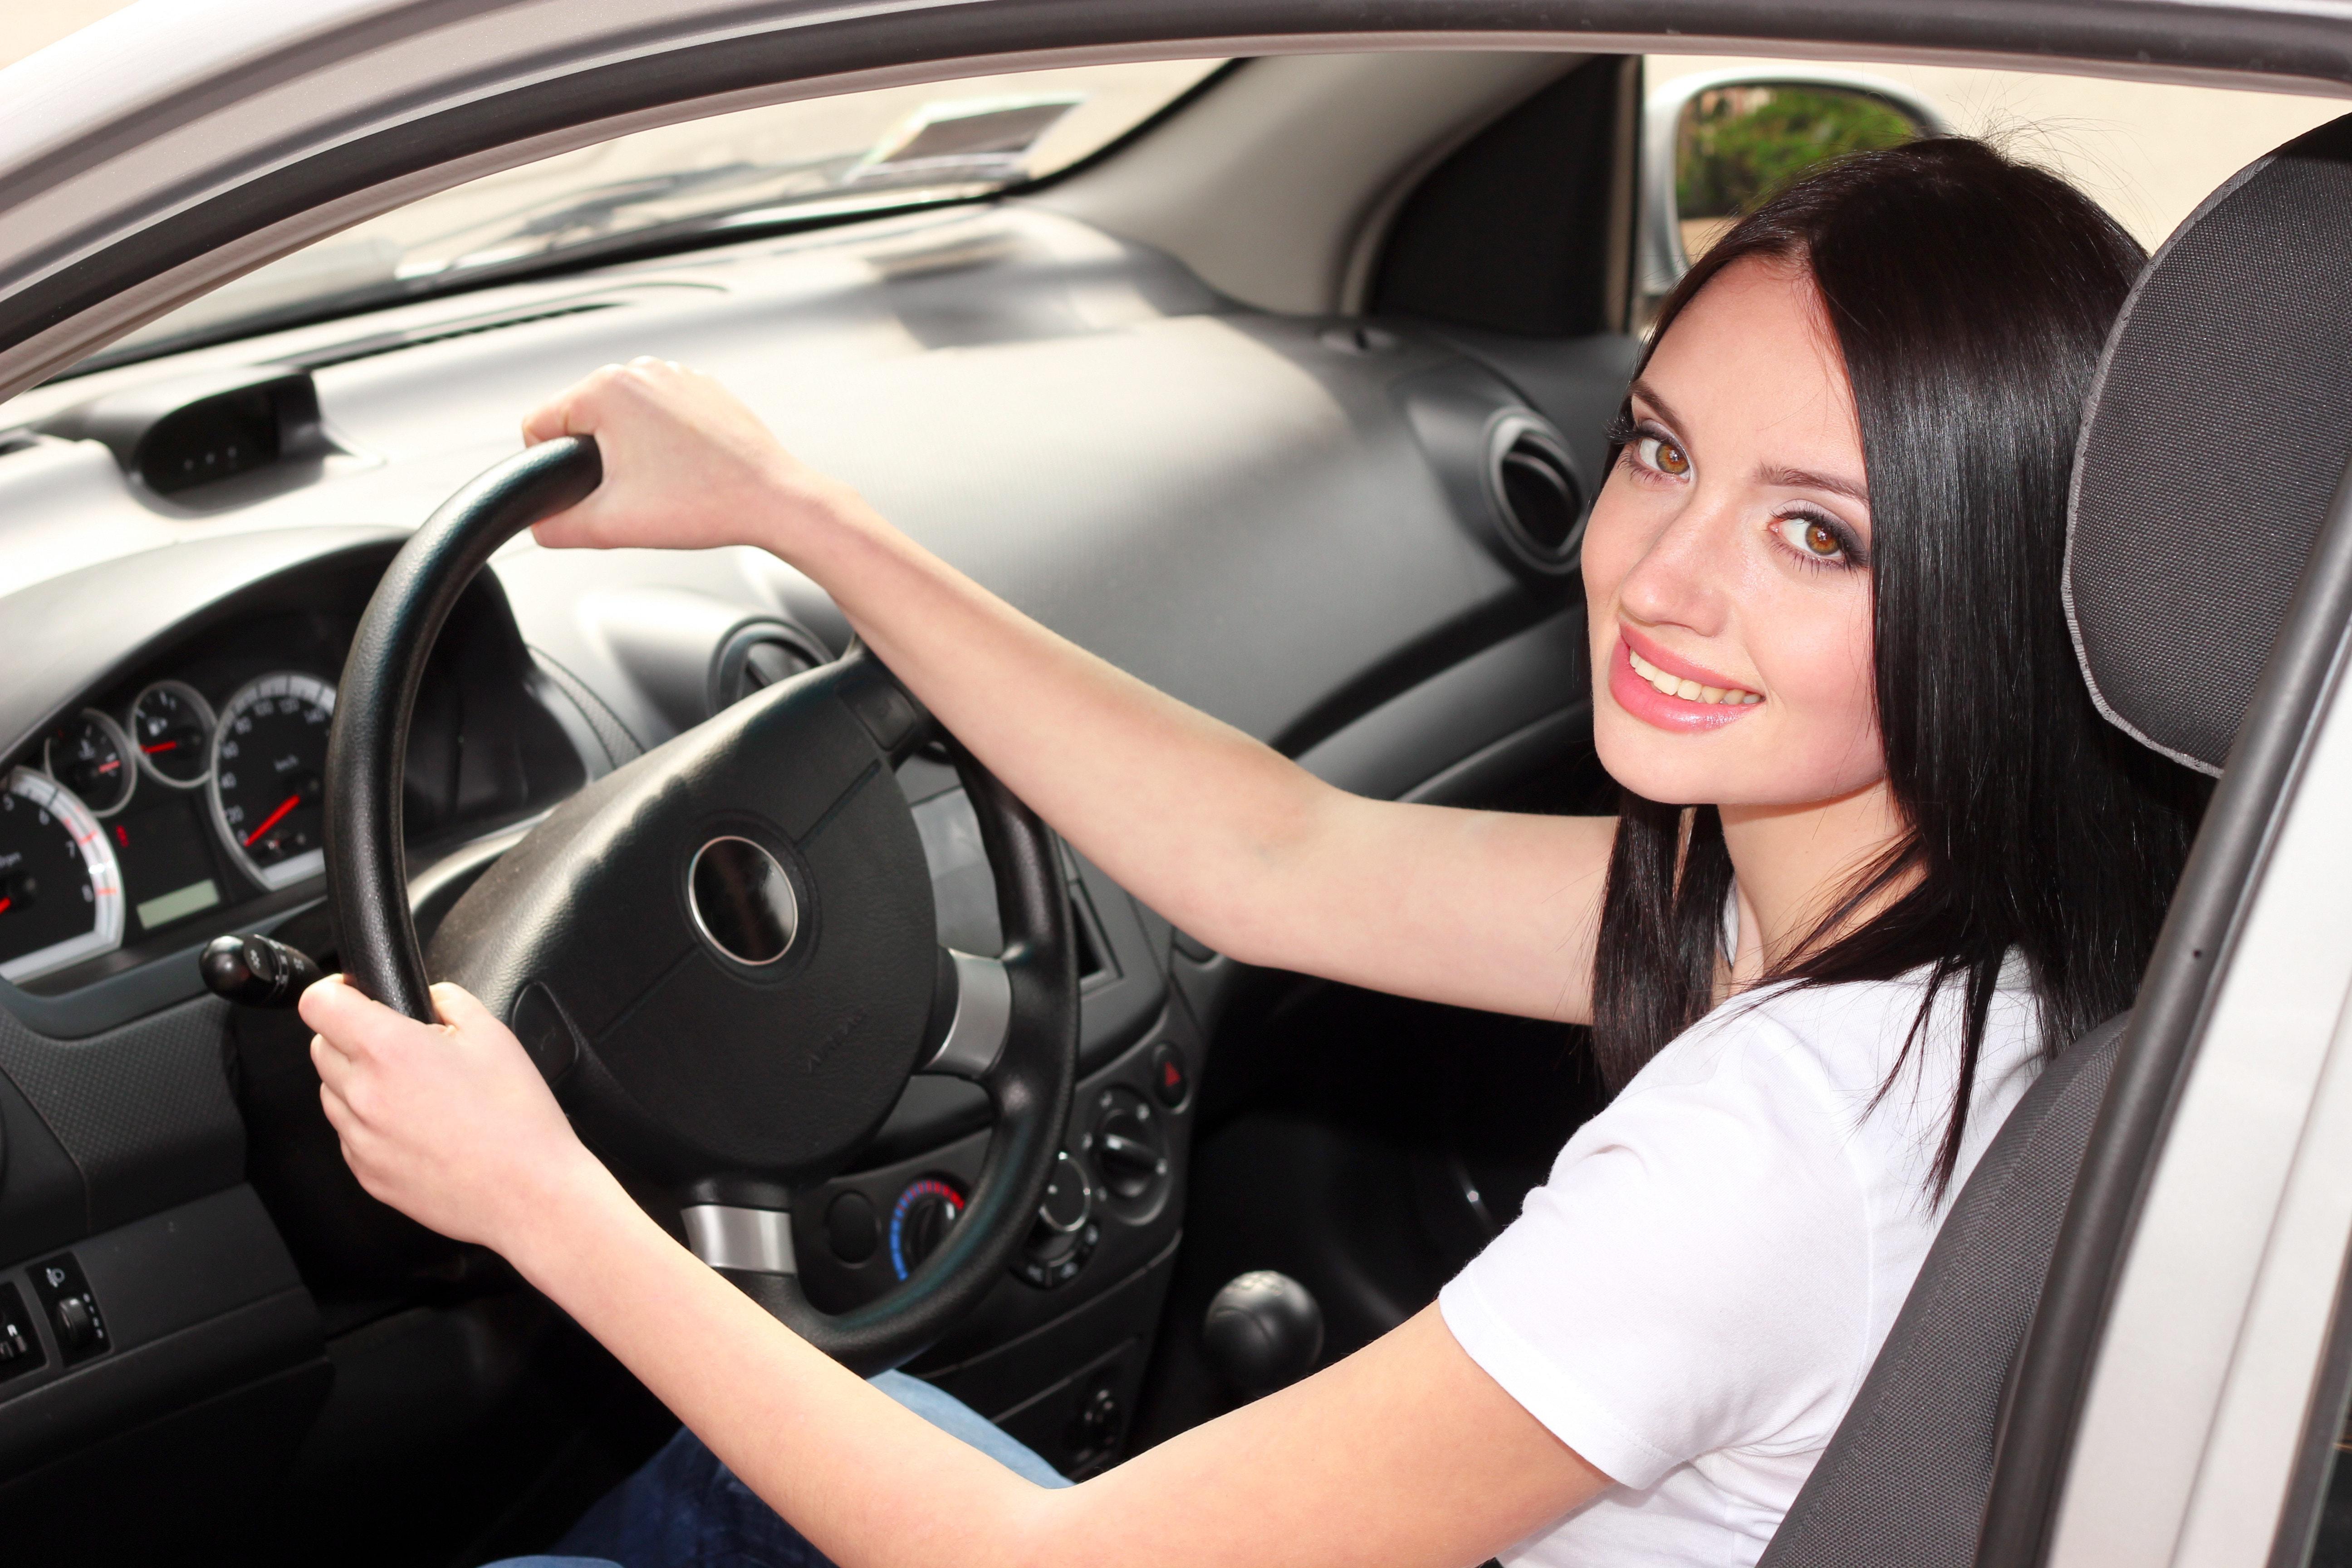 девушек в машине фото русских